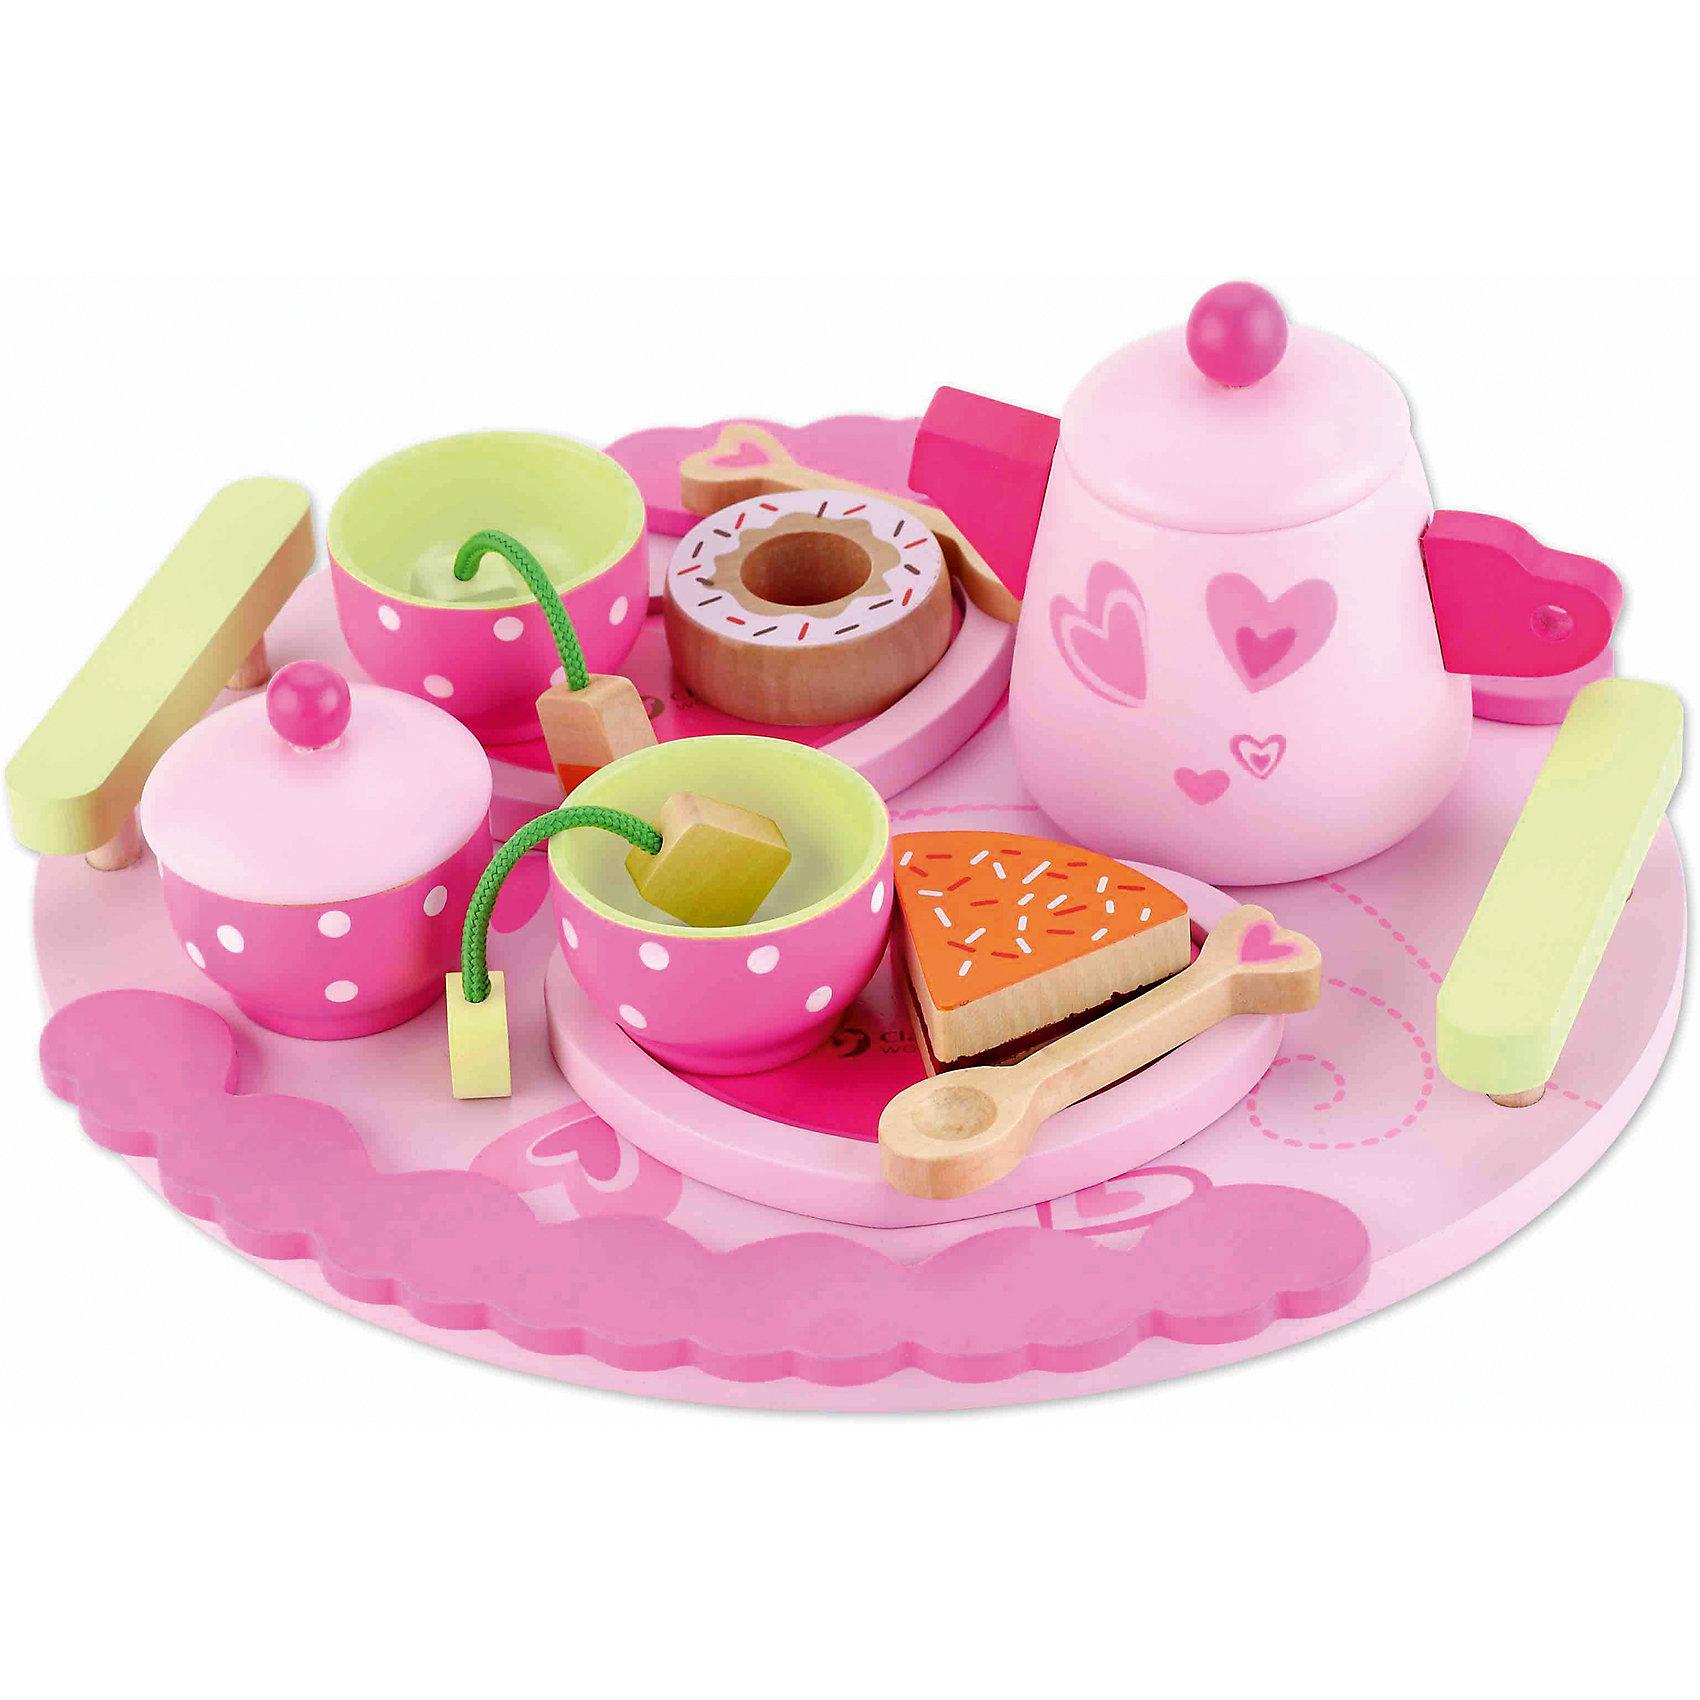 Столовый набор из дерева Чайная вечеринка, Classic WorldПосуда и аксессуары для детской кухни<br>1. В набор входит: чайник, 2 чашки, 2 ложки, 1 большой поднос, 3 тарелочки,  2 пакетика с чаем, 3 десерта, сахарница<br>2. Играй весело и увлекательно! Стильный набор прекрасно подойдёт для захватывающих сюжетно-ролевых игр. Пригласи друзей или угости любимых кукол изысканными пирожными и вкусным чаем. <br>3. Ребёнок сможет придумать разнообразные сюжеты вечеринок, что прекрасно способствует развитию творческого мышления <br>4. С помощью такого интересного набора детей постарше можно познакомить с чайной церемонией и дать основы этикета. <br>5. Игрушка выполнена из высококачественных материалов, а значит вы будете уверены в безопасности Вашего ребёнка.<br><br>Ширина мм: 250<br>Глубина мм: 100<br>Высота мм: 235<br>Вес г: 670<br>Возраст от месяцев: 36<br>Возраст до месяцев: 2147483647<br>Пол: Женский<br>Возраст: Детский<br>SKU: 7044540